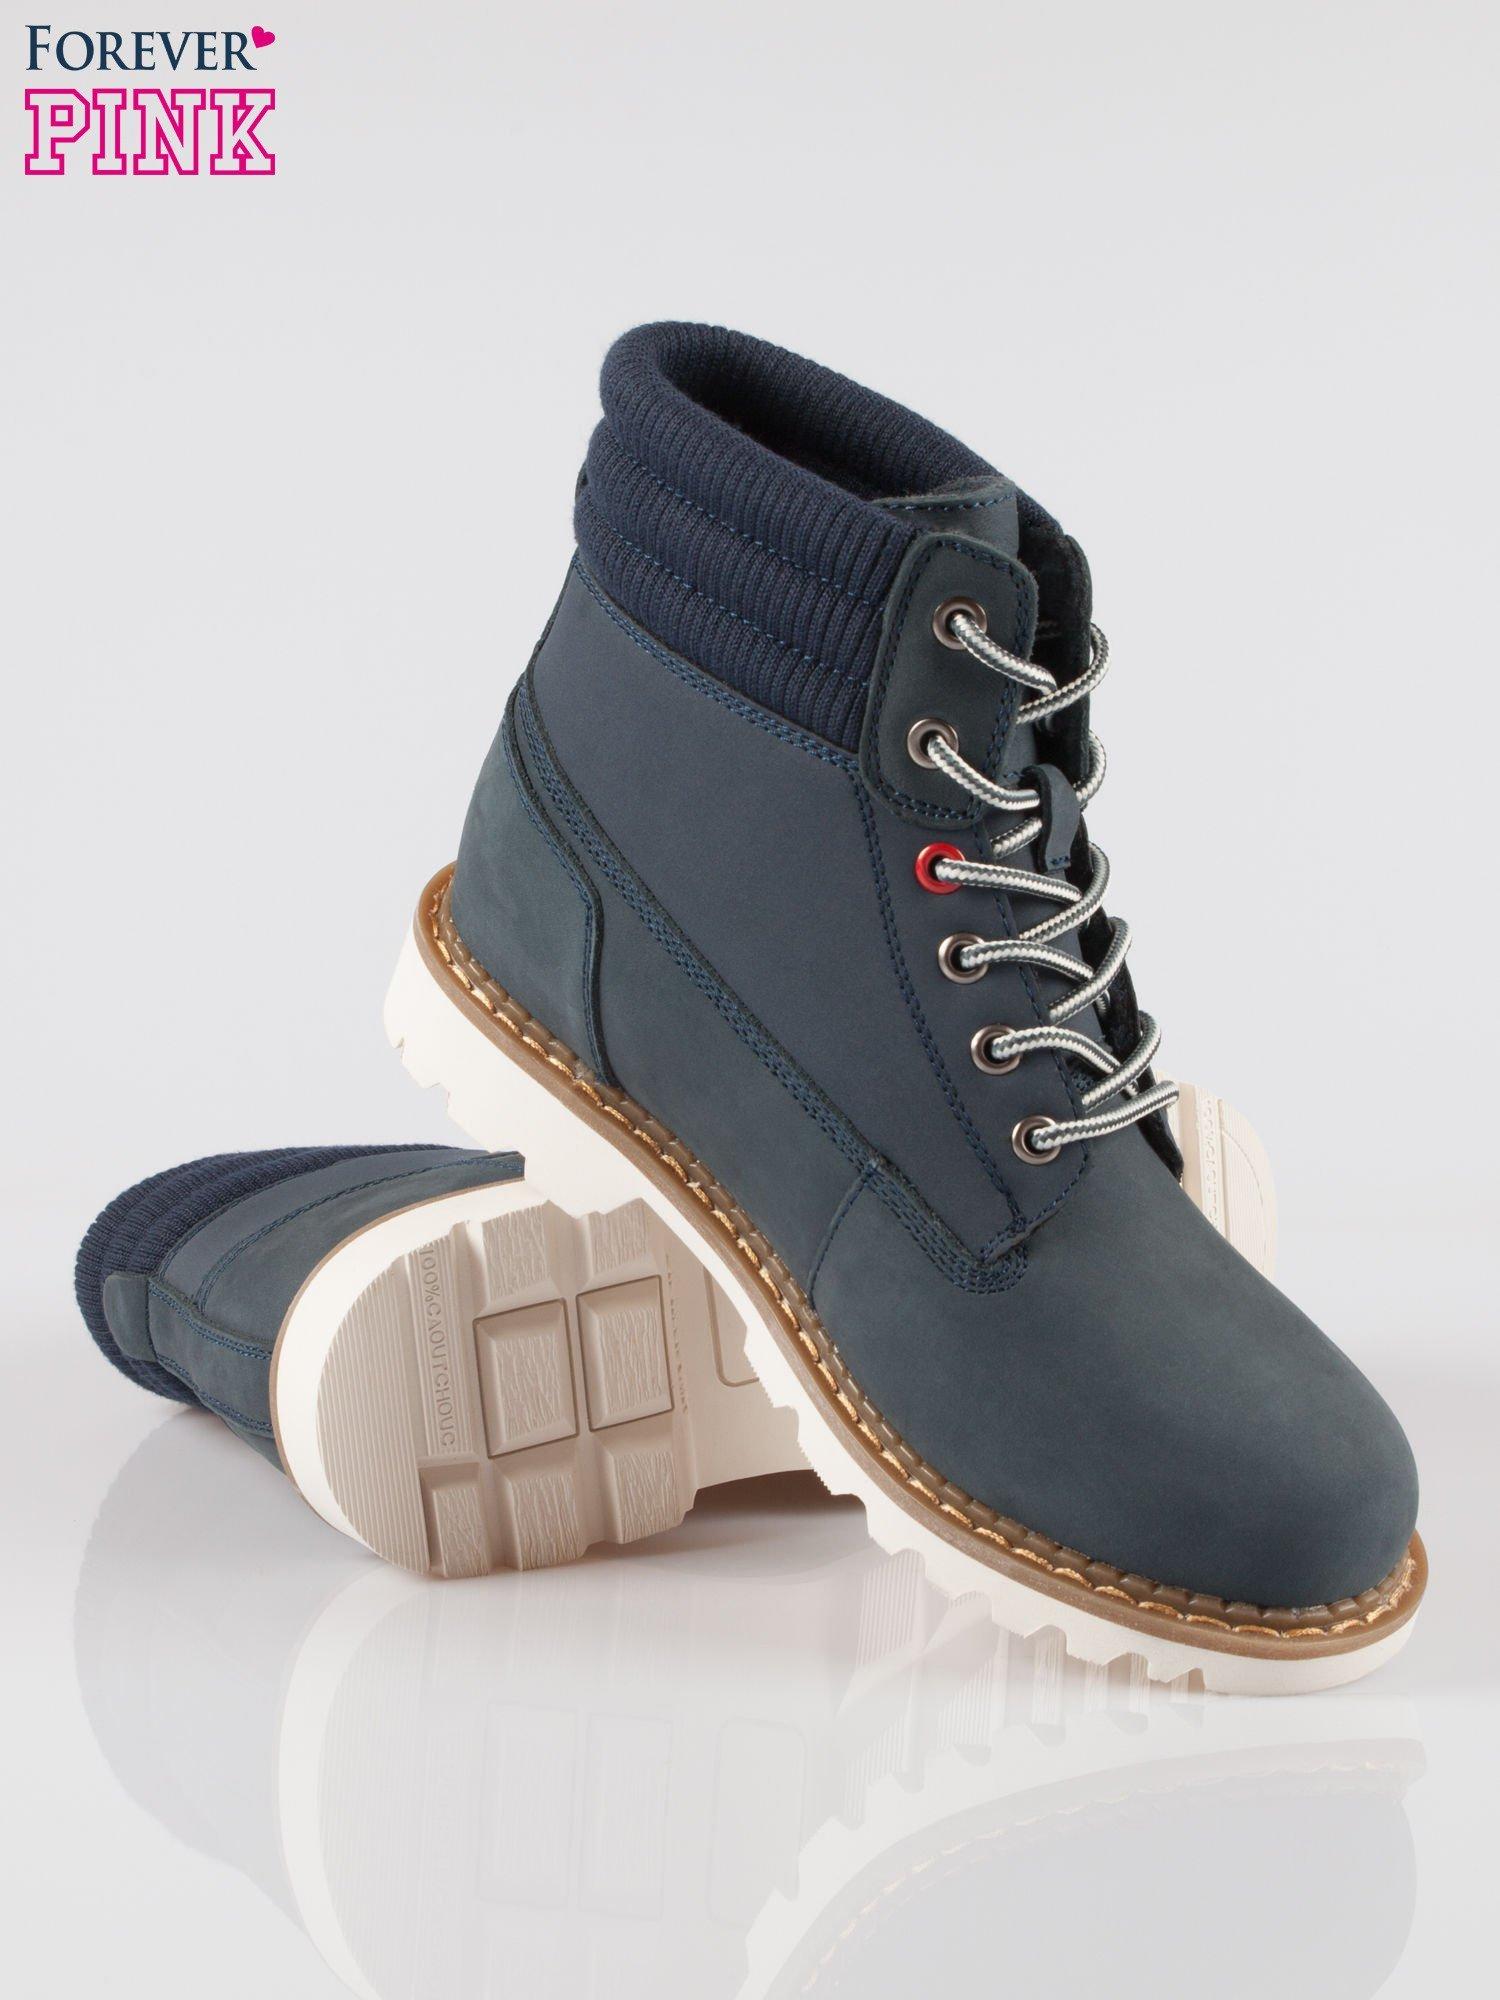 Granatowe buty trekkingowe traperki damskie z elastycznym kołnierzem ze skóry naturalnej                                  zdj.                                  4